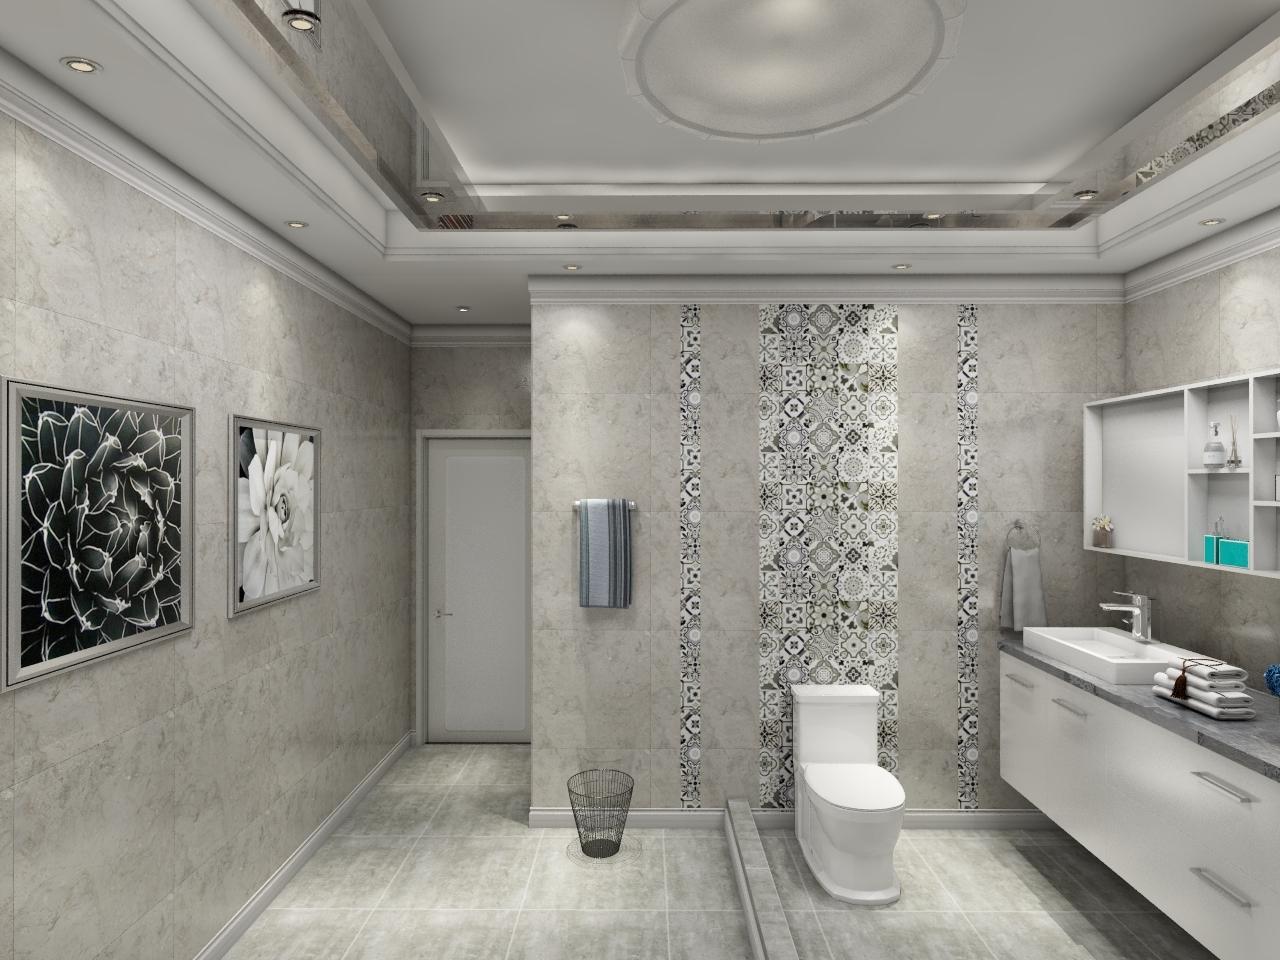 卫浴行业品牌竞争将回归品质家居生活